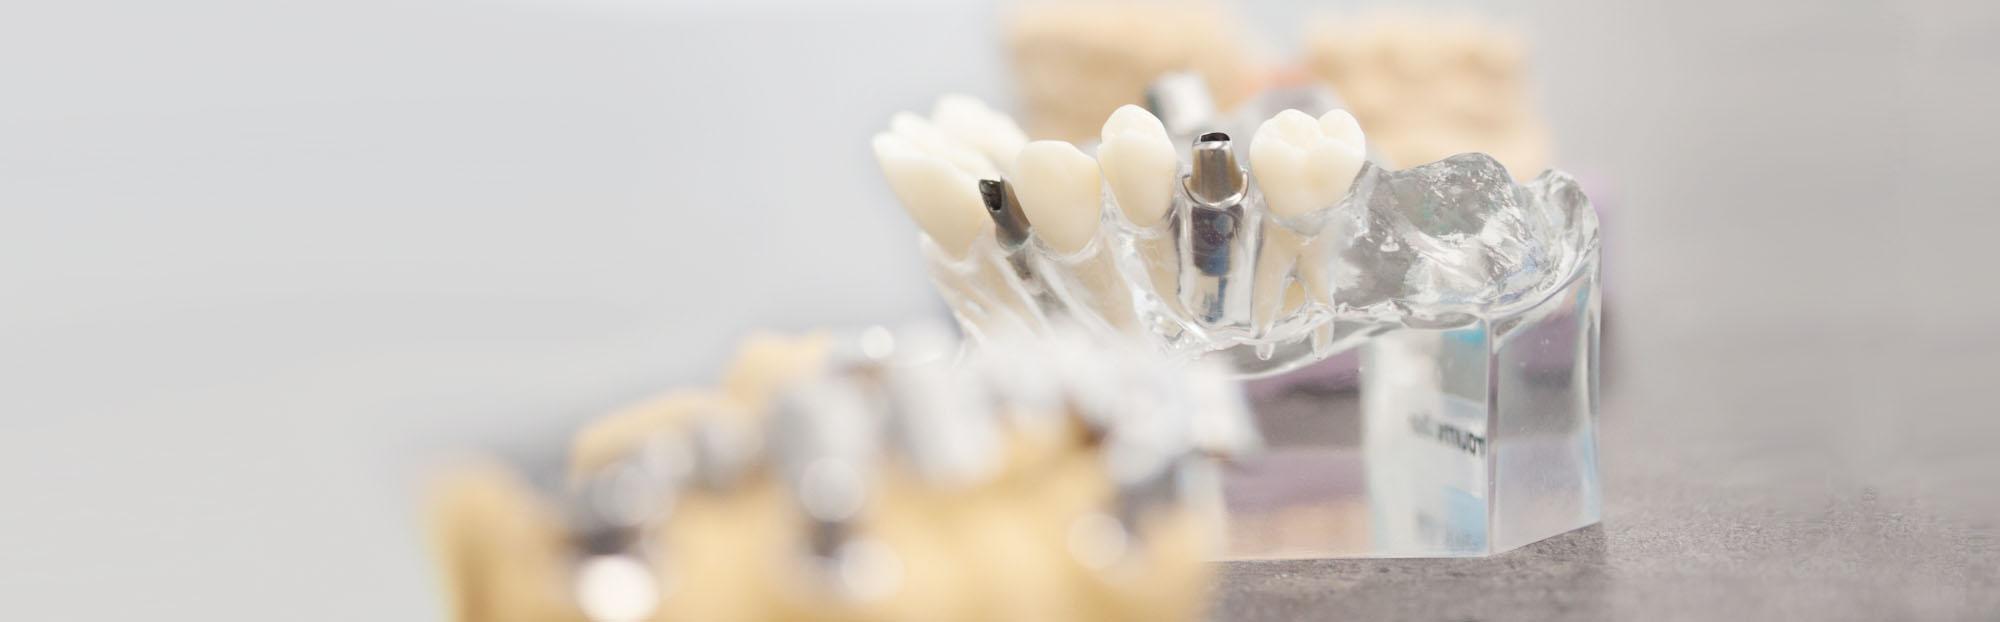 CAD/CAM Dental Esthetic – Fräszentrum in Mönchengladbach